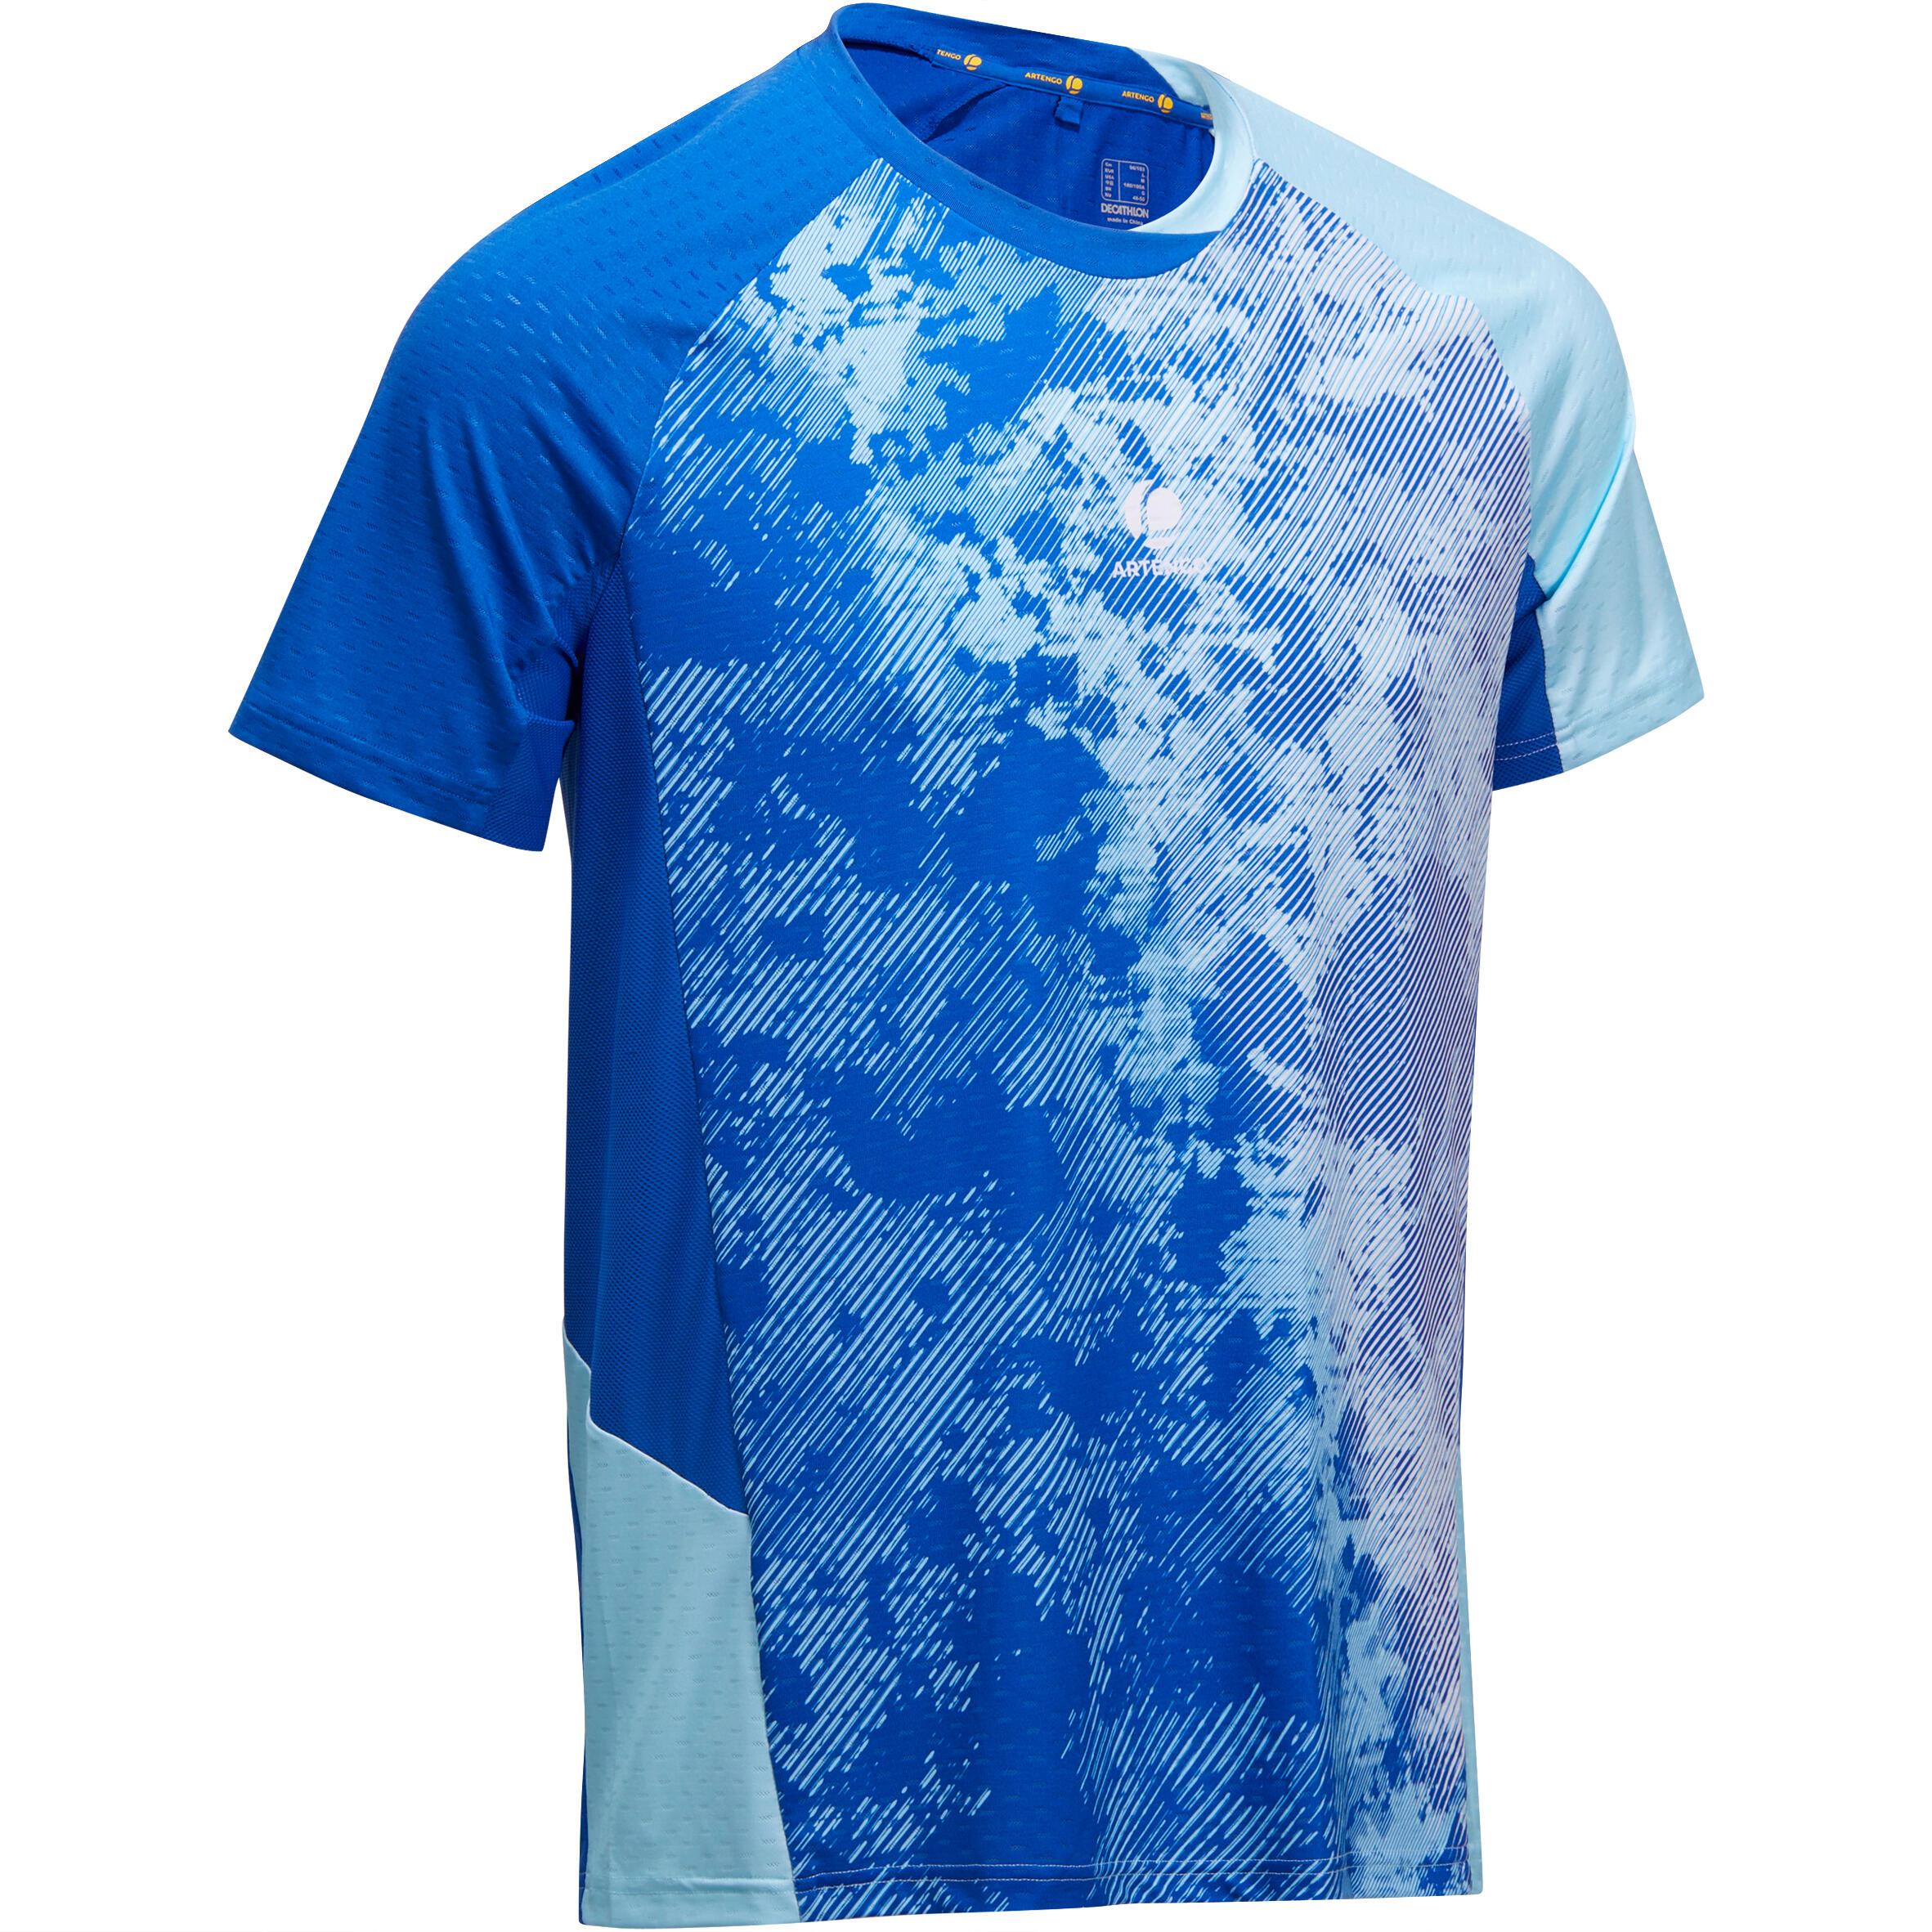 Artengo Heren T-shirt 860, voor badminton, tafeltennis, padel, squash, lichtblauw